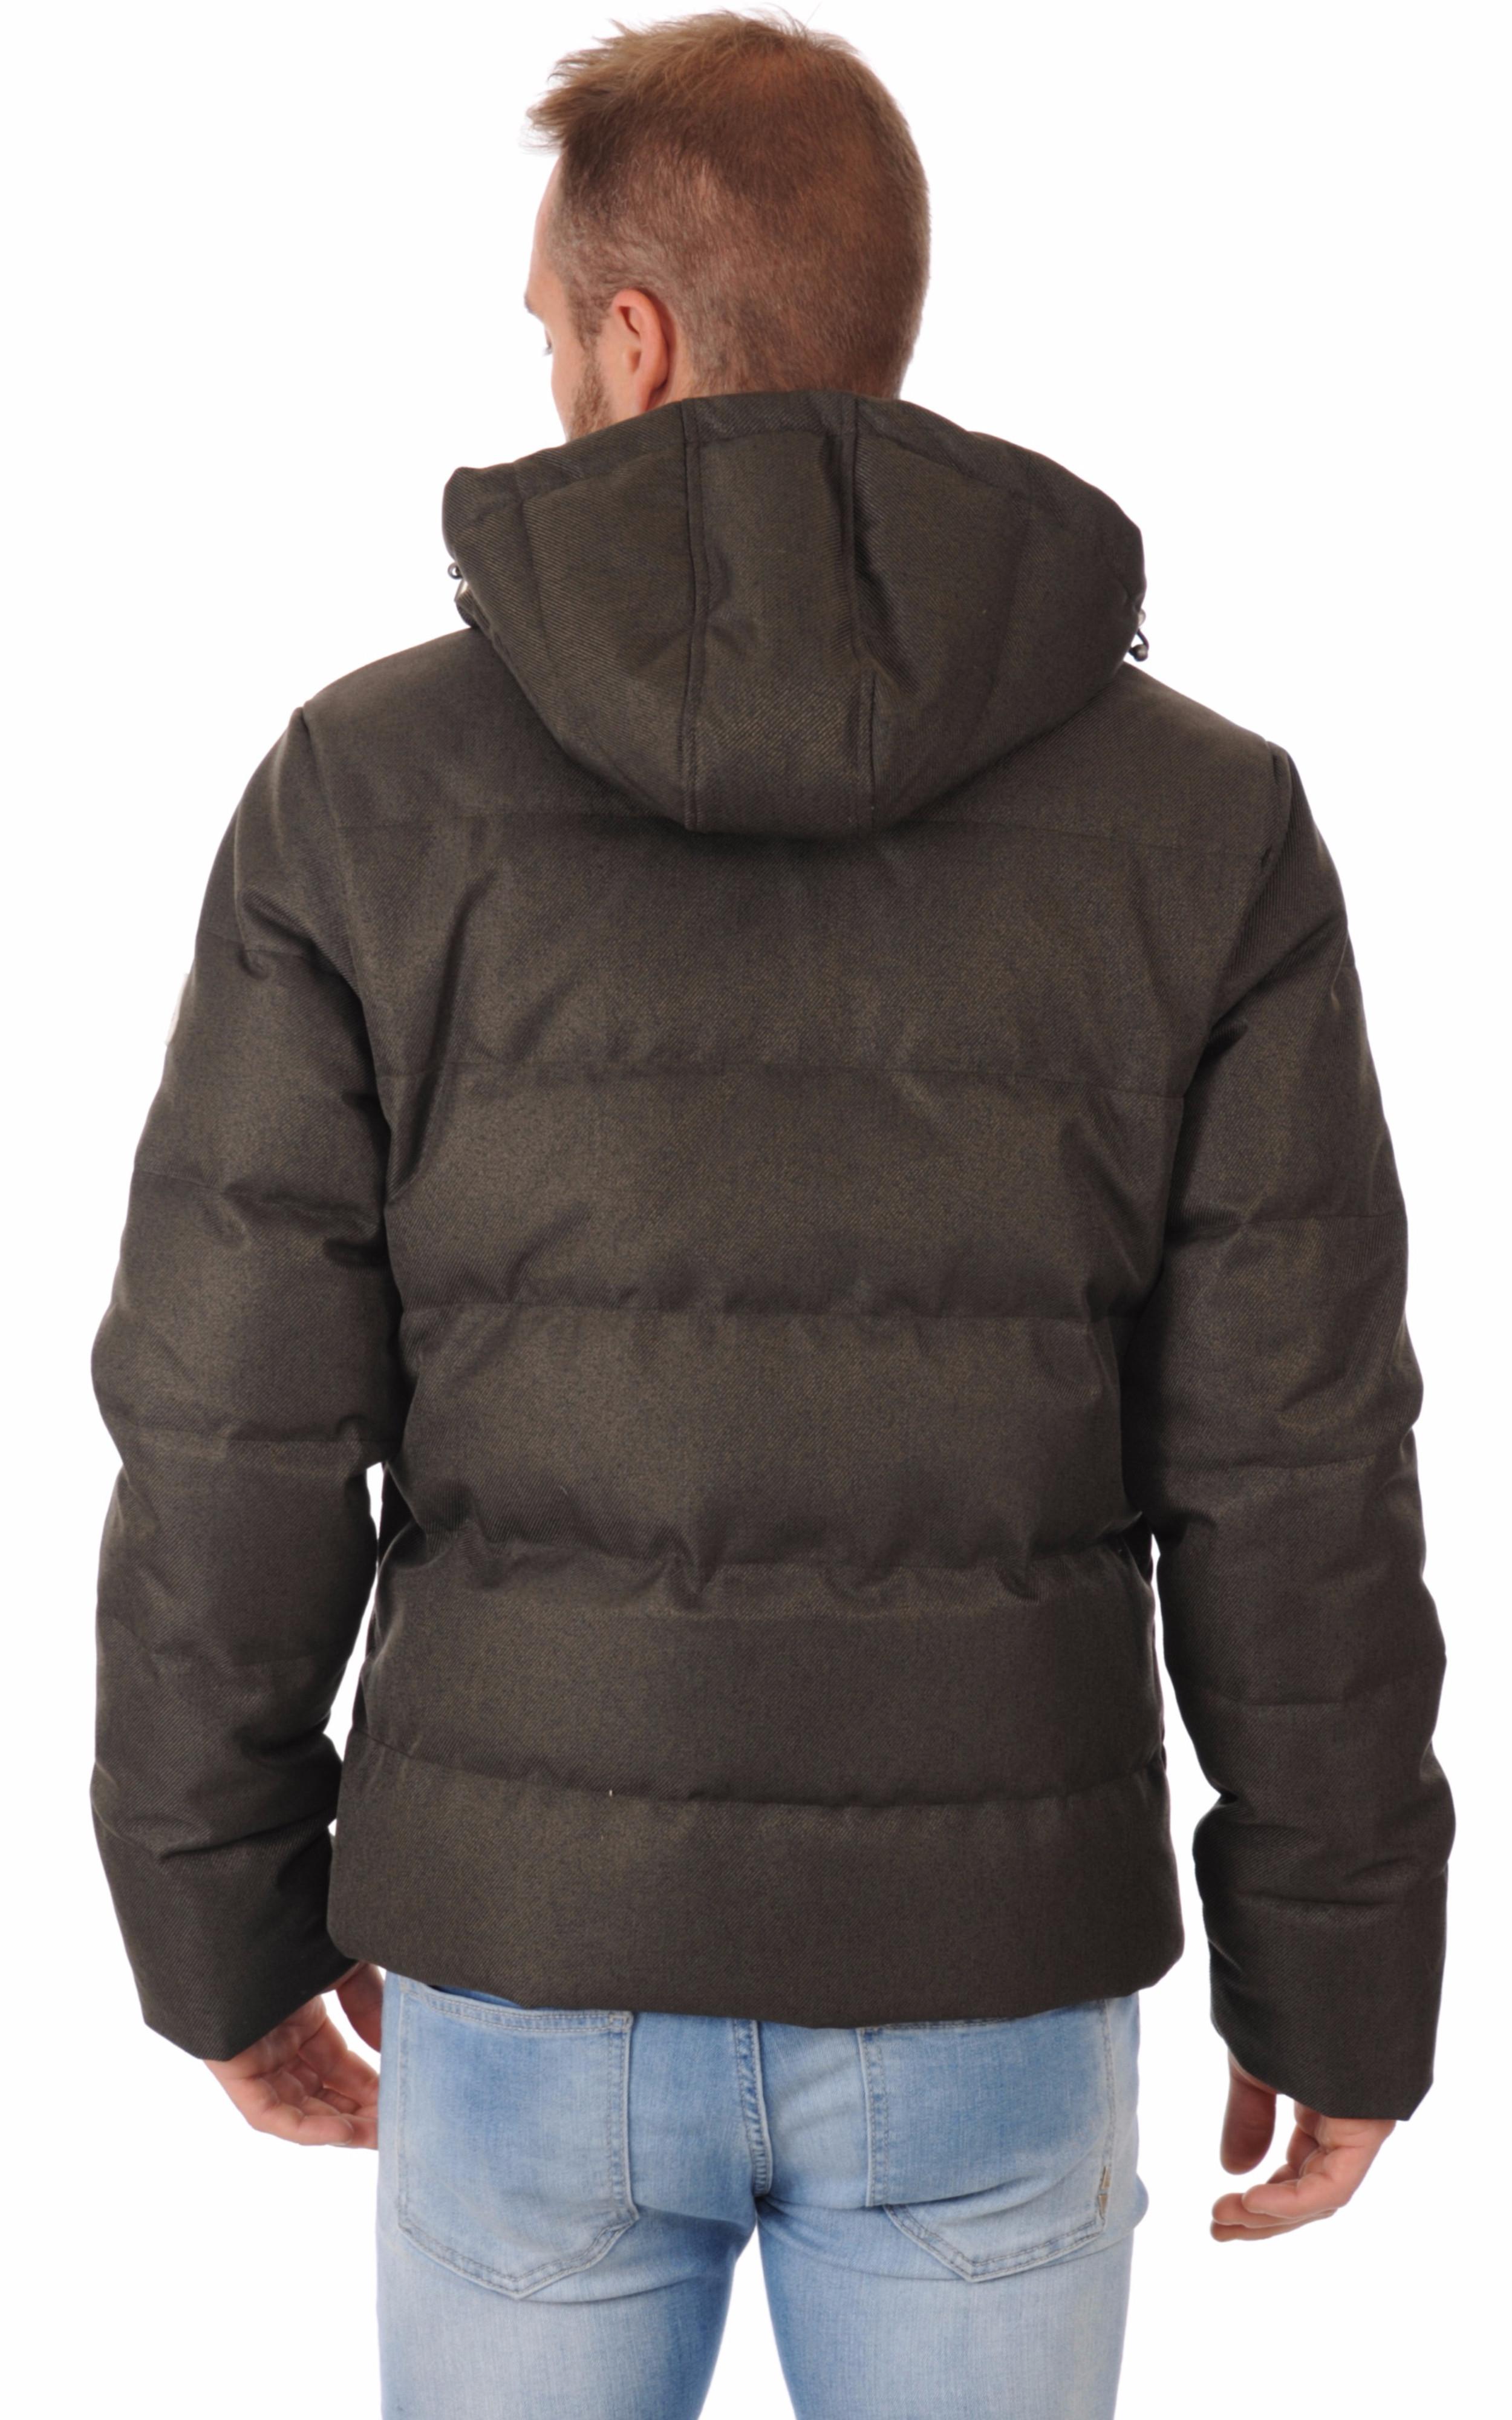 Doudoune Spoutnic Jacket Military Pyrenex - La Canadienne - Doudoune ... edadfe68307